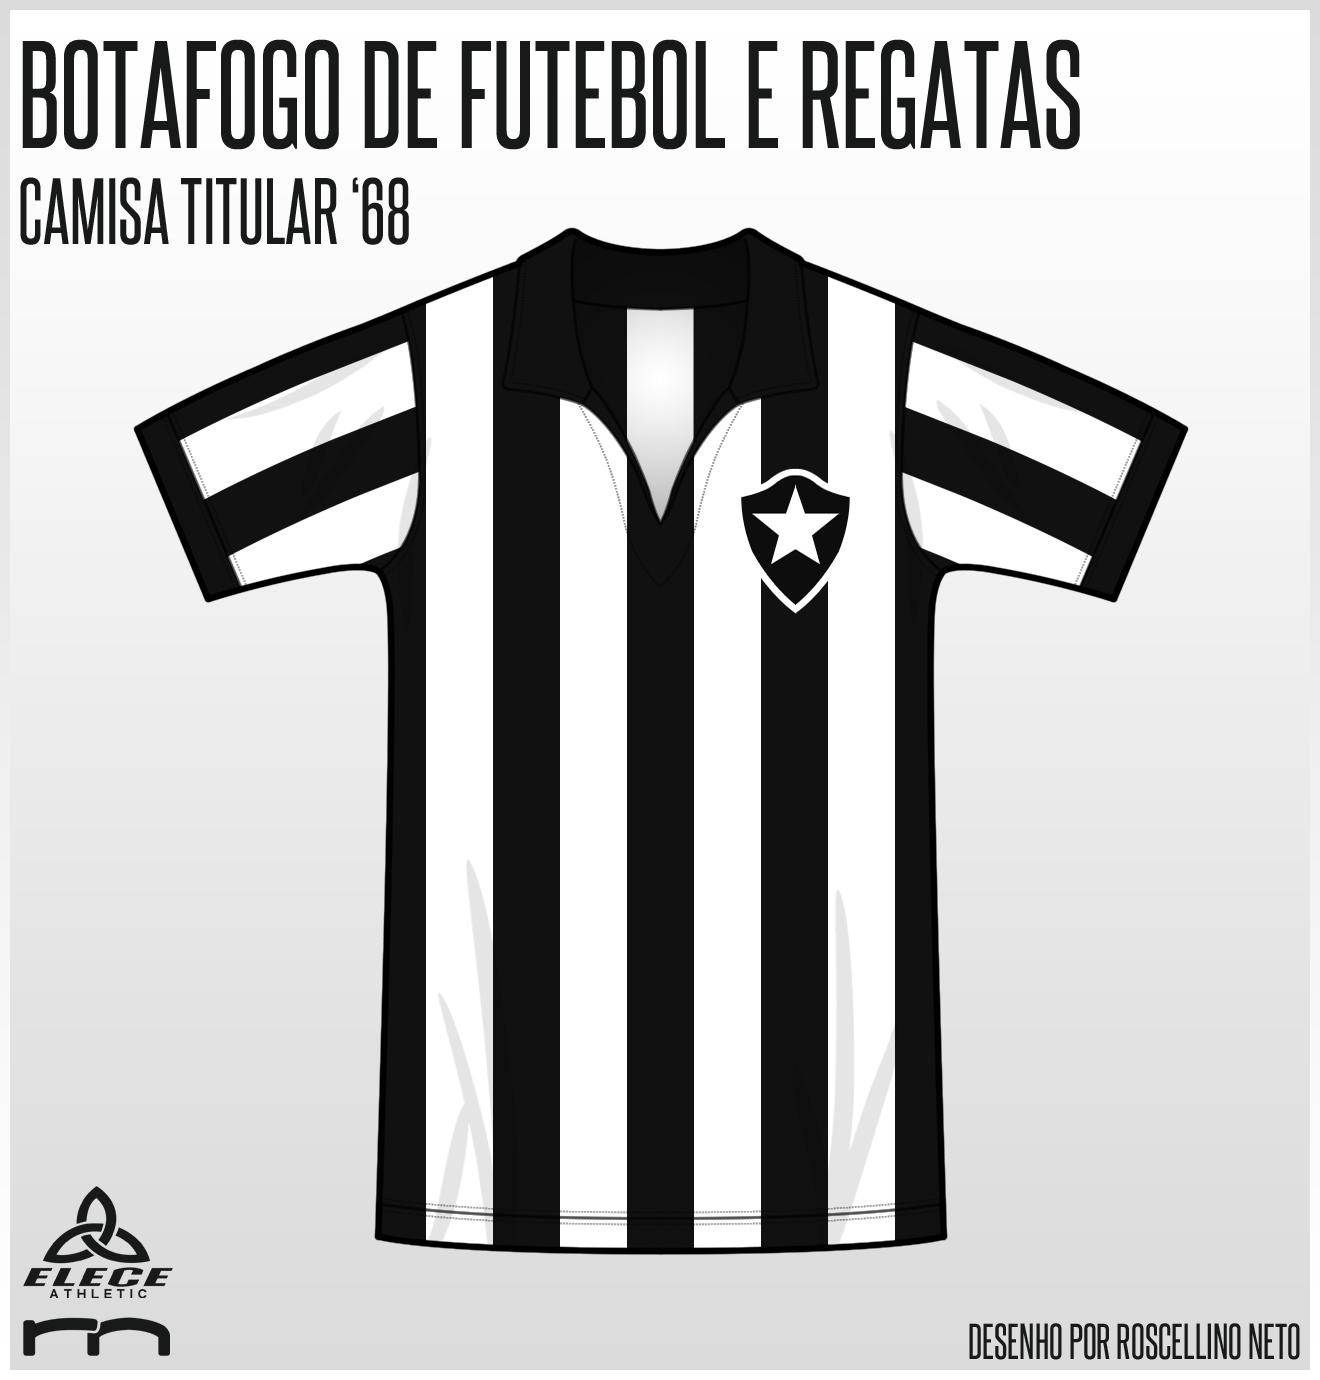 Elece Athletic  Campeões do Brasil  3  Botafogo de Futebol e Regatas 63c05fd53f6df